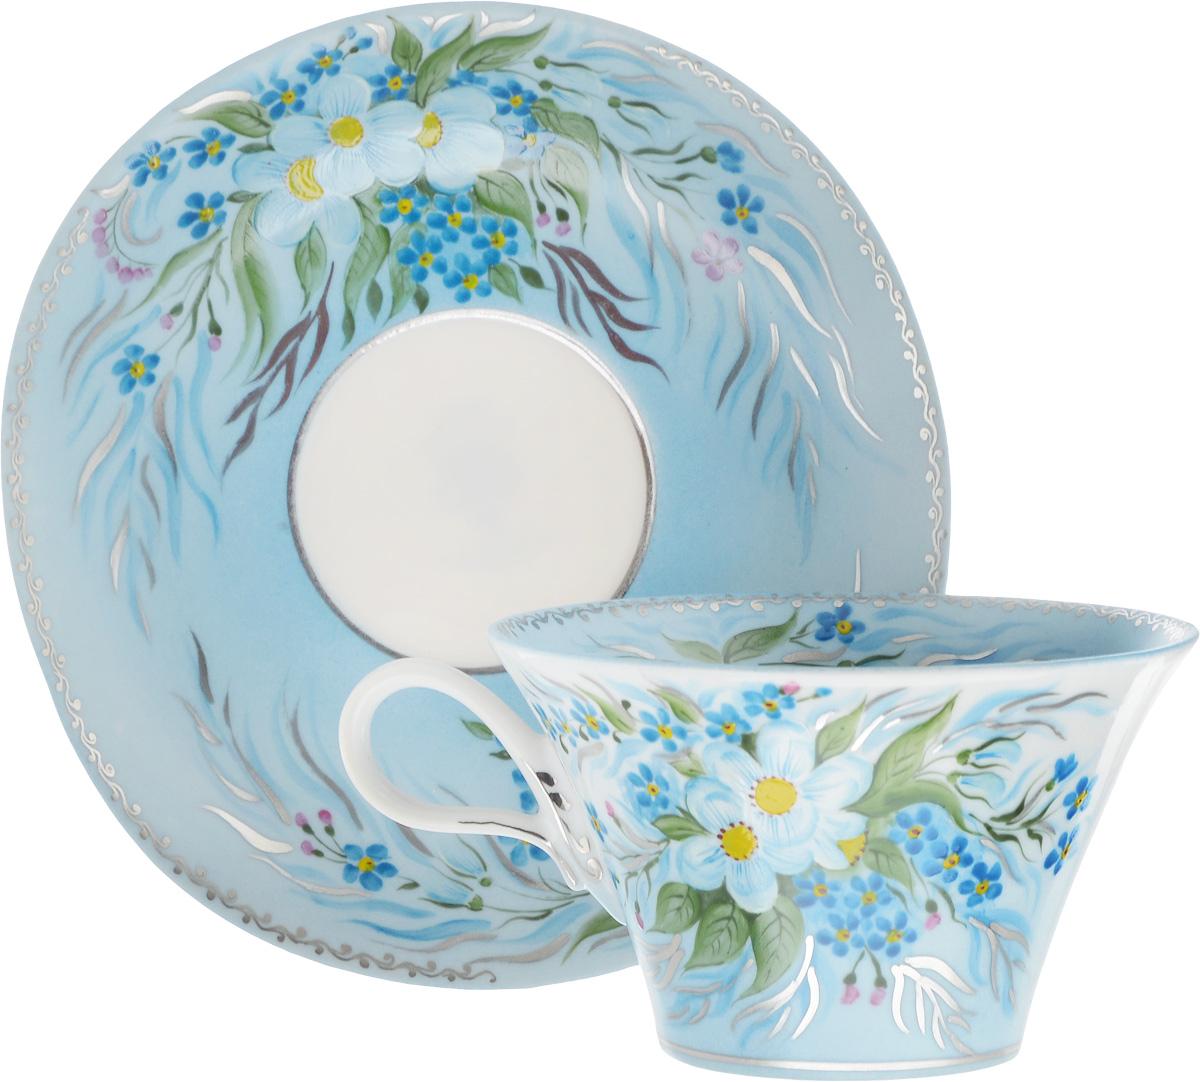 Чайная пара Фарфор Вербилок Дыхание Наяды, 2 предмета2709000ПЧайная пара Фарфор Вербилок Дыхание Наяды состоит из чашки и блюдца, изготовленных из высококачественного фарфора. Изделия оформлены в классическом стиле и имеют изысканный внешний вид.Такой набор прекрасно дополнит сервировку стола к чаепитию и подчеркнет ваш безупречный вкус.Чайная пара Фарфор Вербилок Дыхание Наяды - это прекрасный подарок к любому случаю. Объем чашки: 200 мл.Диаметр чашки (по верхнему краю): 10 см.Высота чашки: 6 см.Размер блюдца: 14 х 15 см.Высота блюдца: 2,5 см.